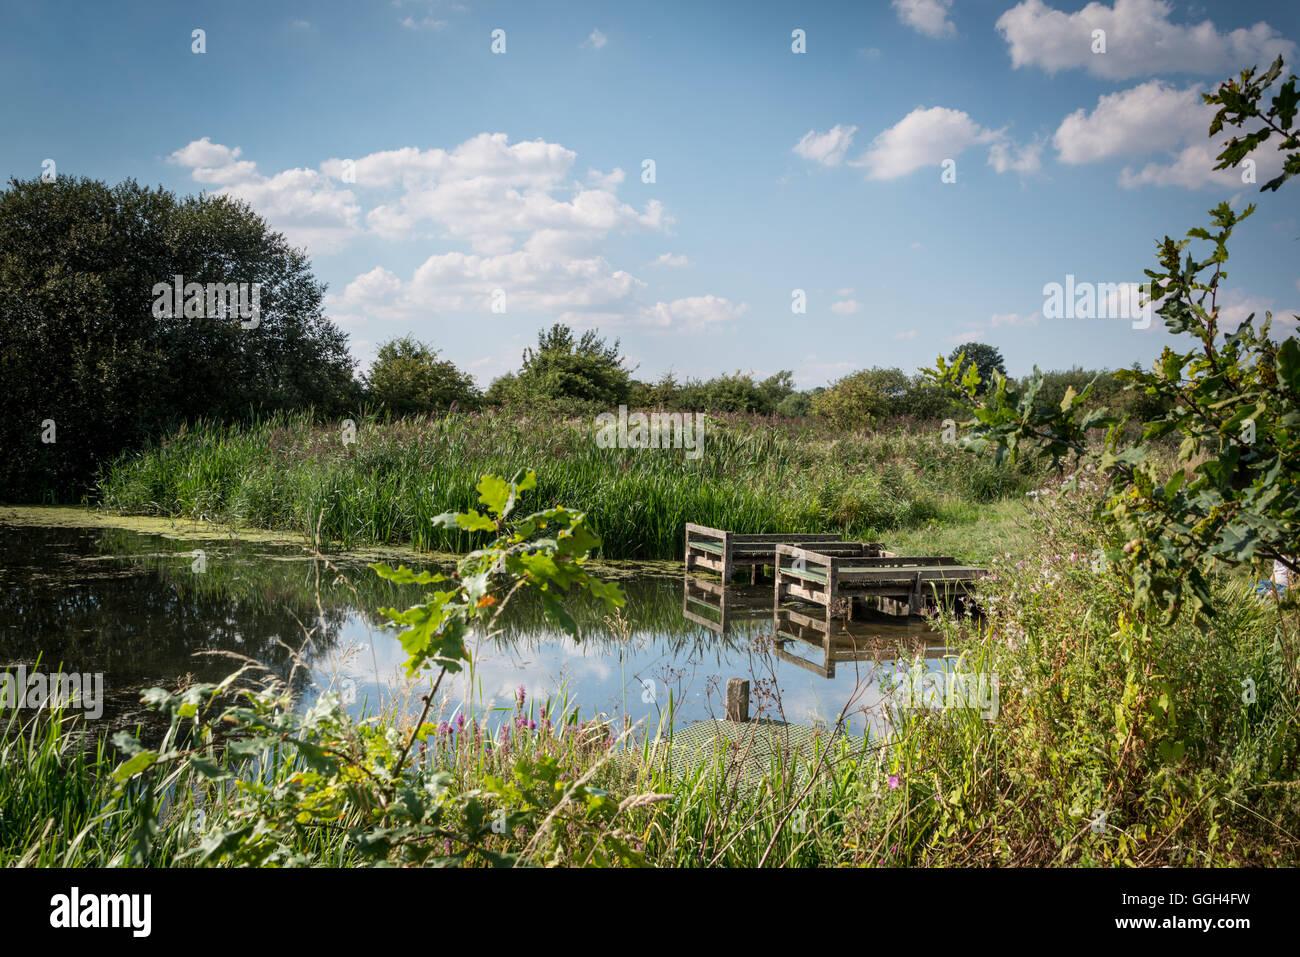 Conder green picnic site